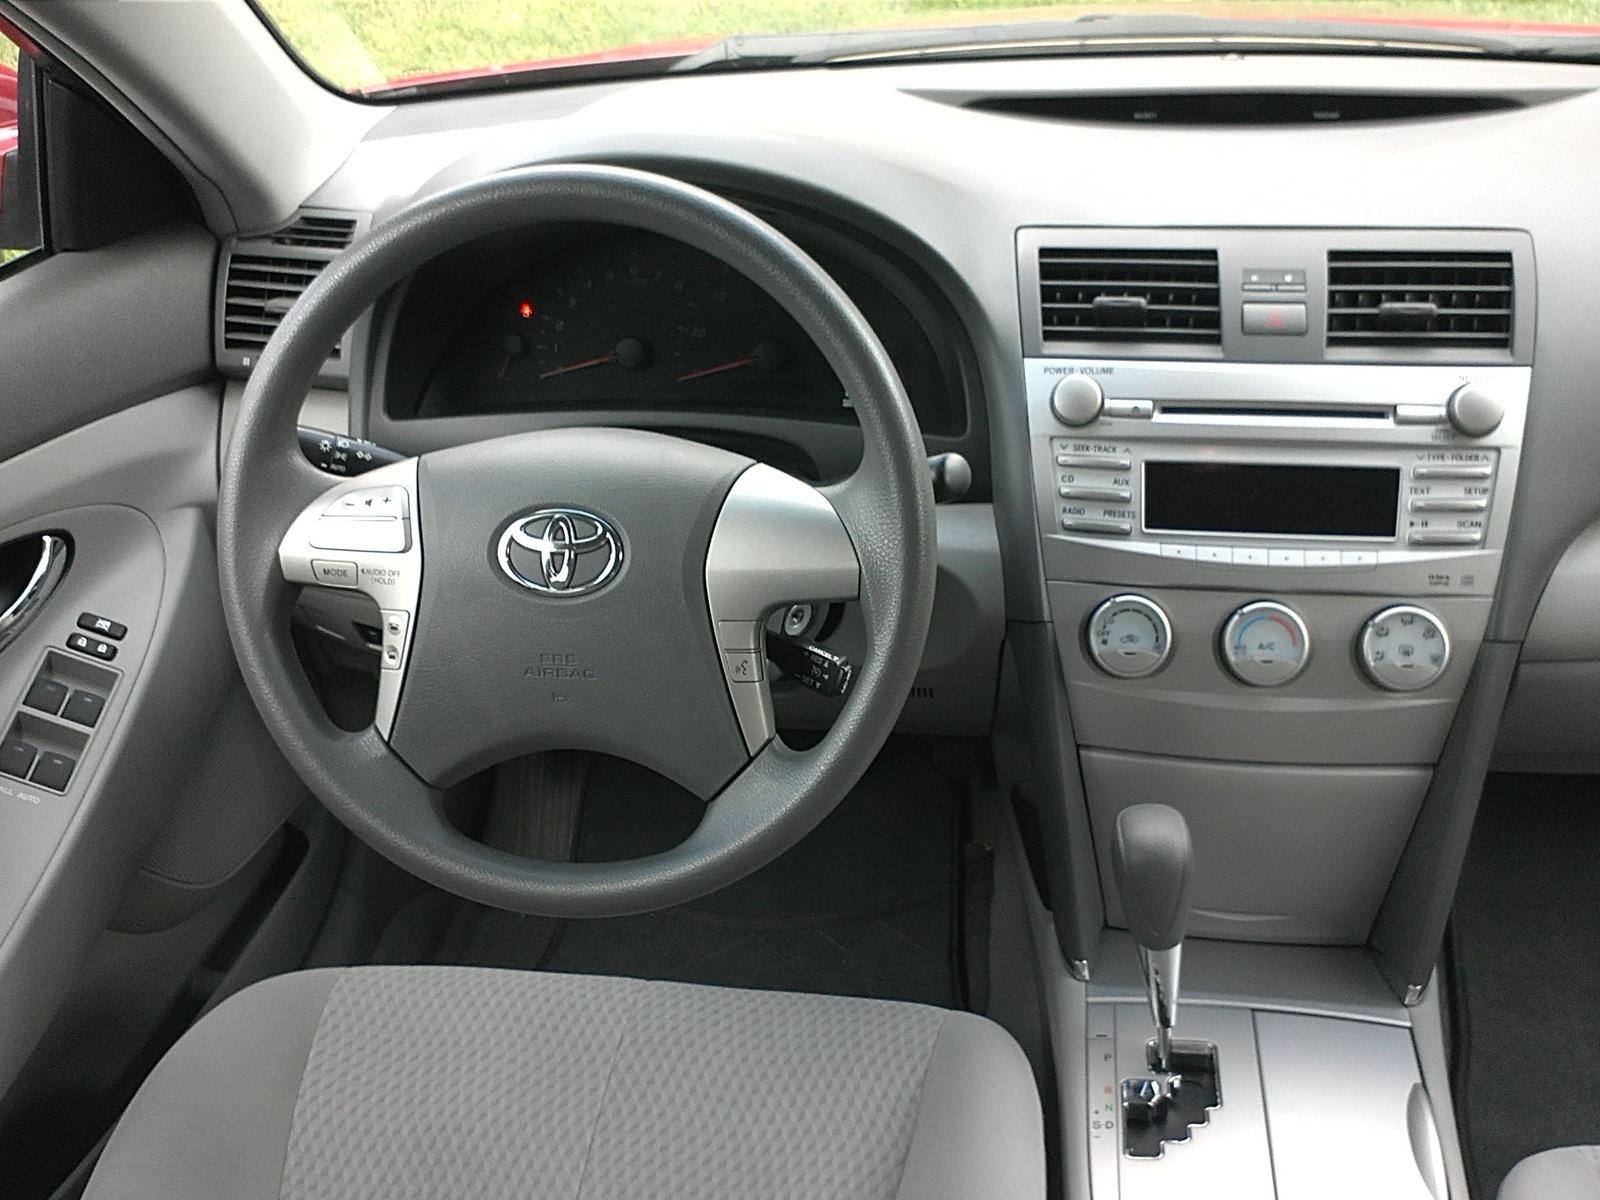 2011 Toyota Camry - Interior Pictures - CarGurusCarGurus